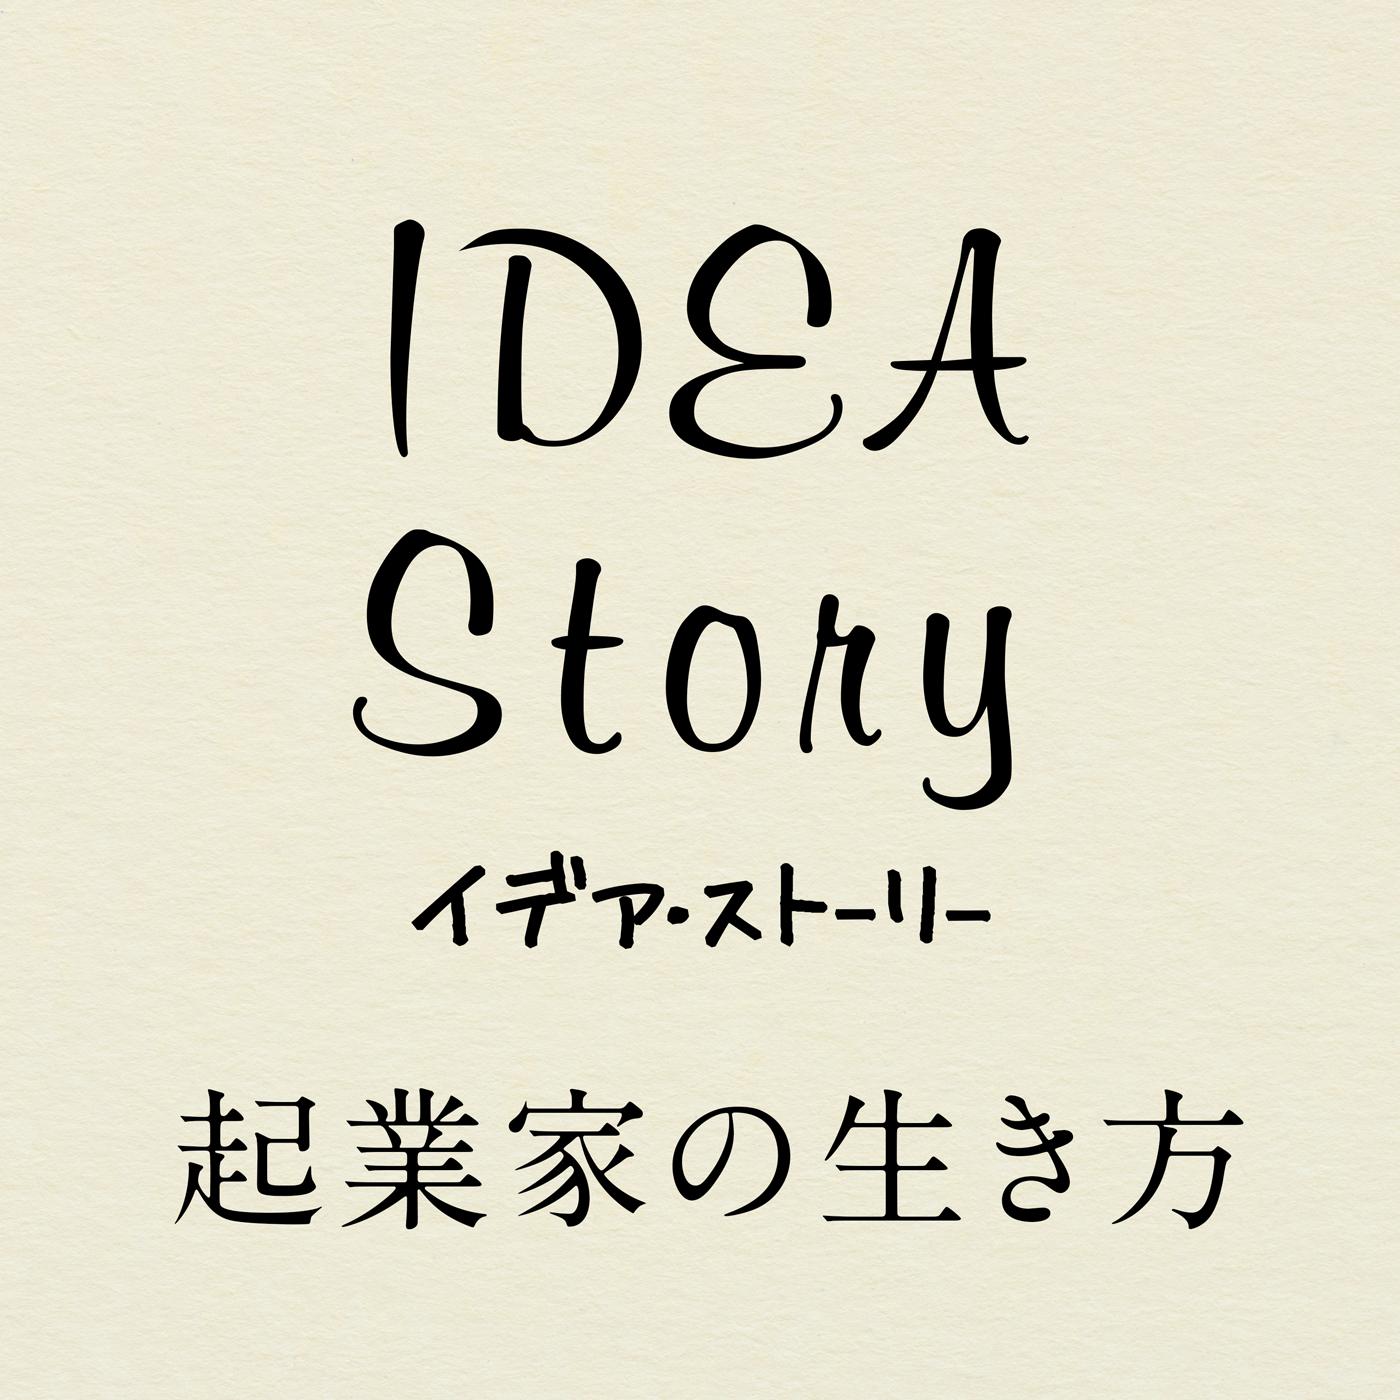 起業家の生き方 IDEAストーリー